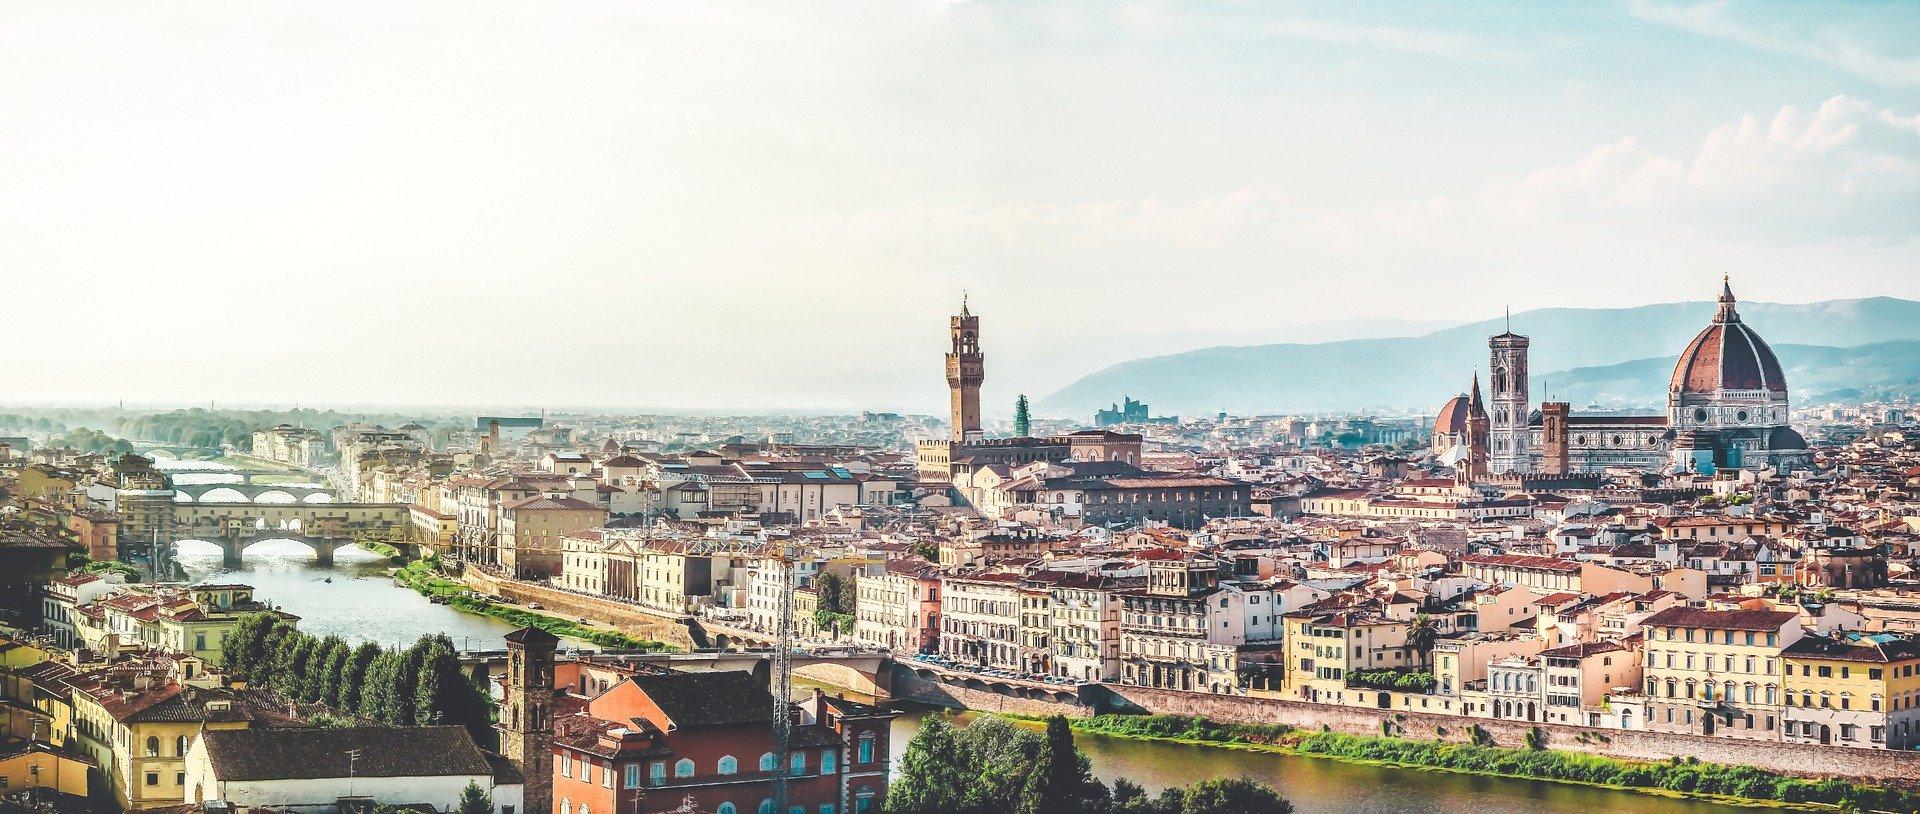 ville de florence panorama classement meilleures agences de voyage